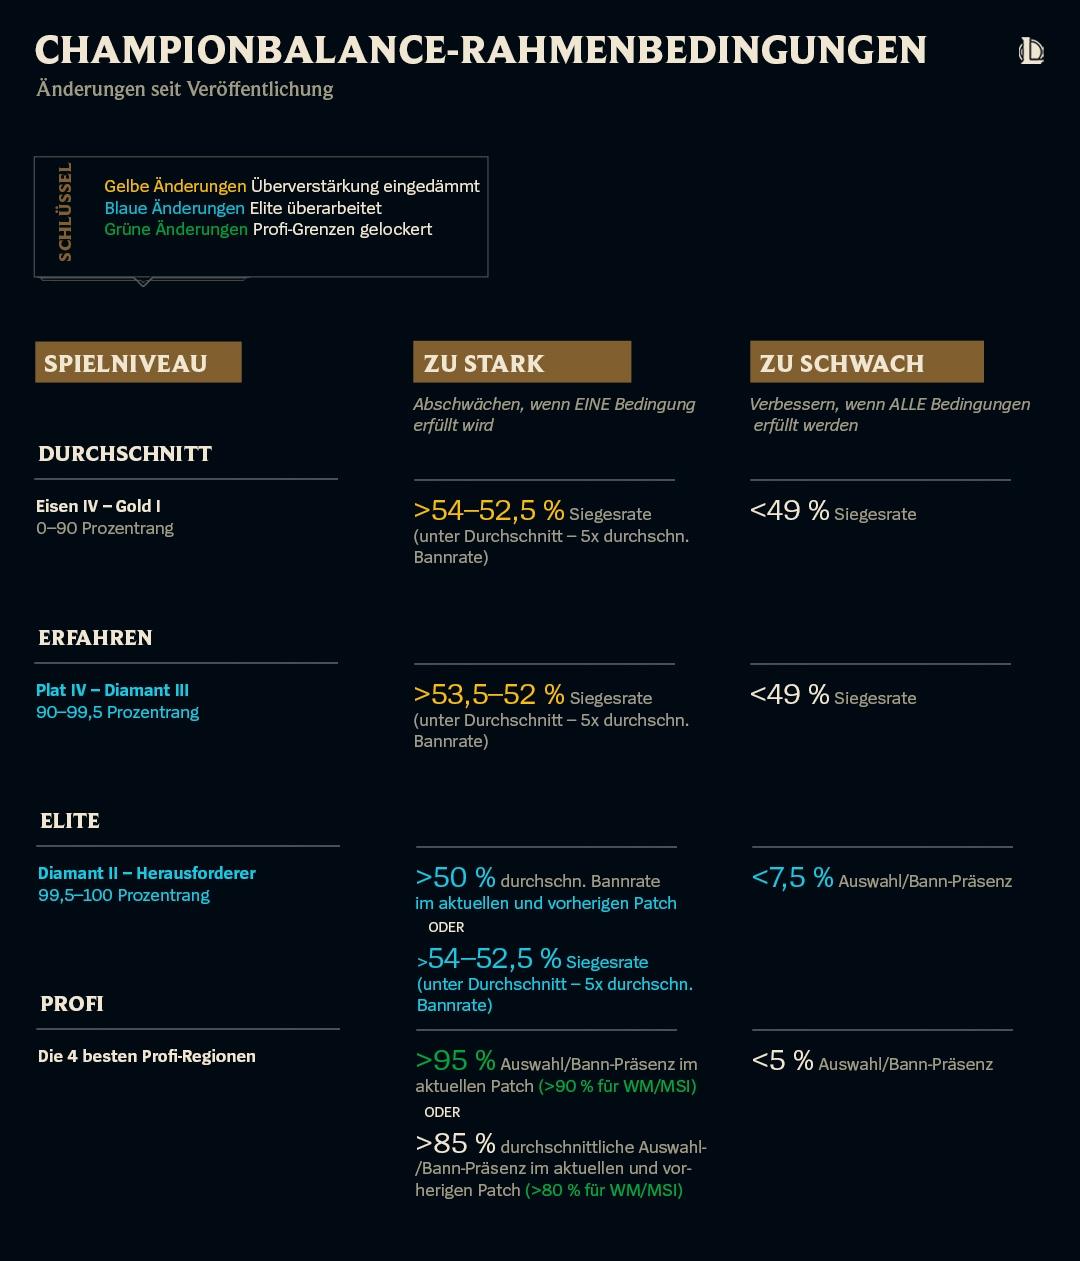 03_Balance-Framework-SINCE-LAUNCH-ger.jpg